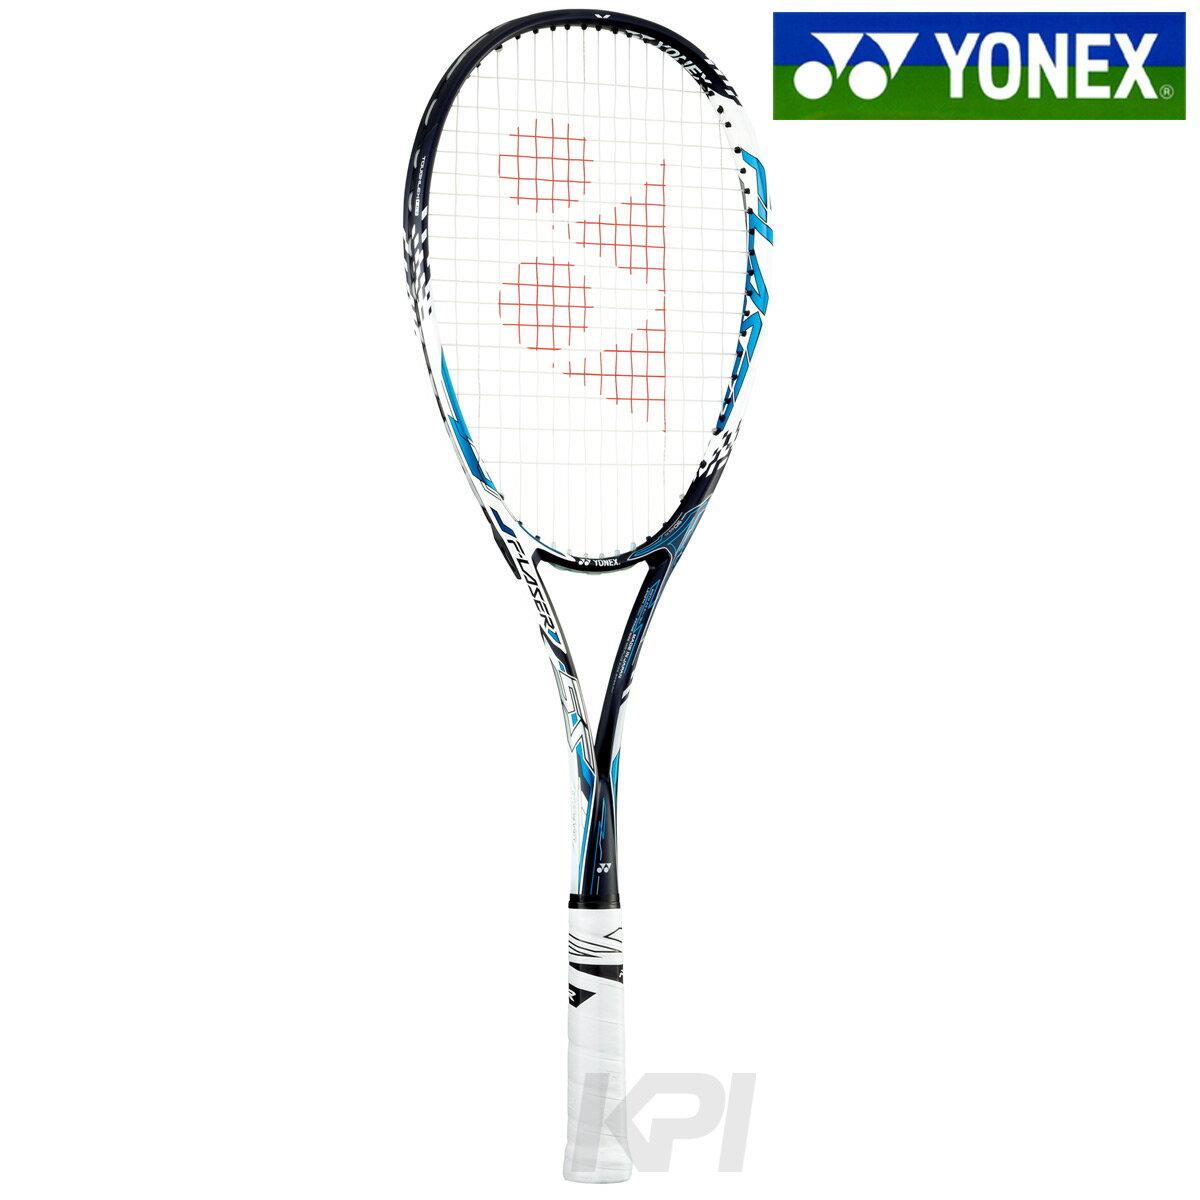 「2017新製品」YONEX(ヨネックス)「F-LASER 5S(エフレーザー5S)FLR5S」ソフトテニスラケット【kpi_d】